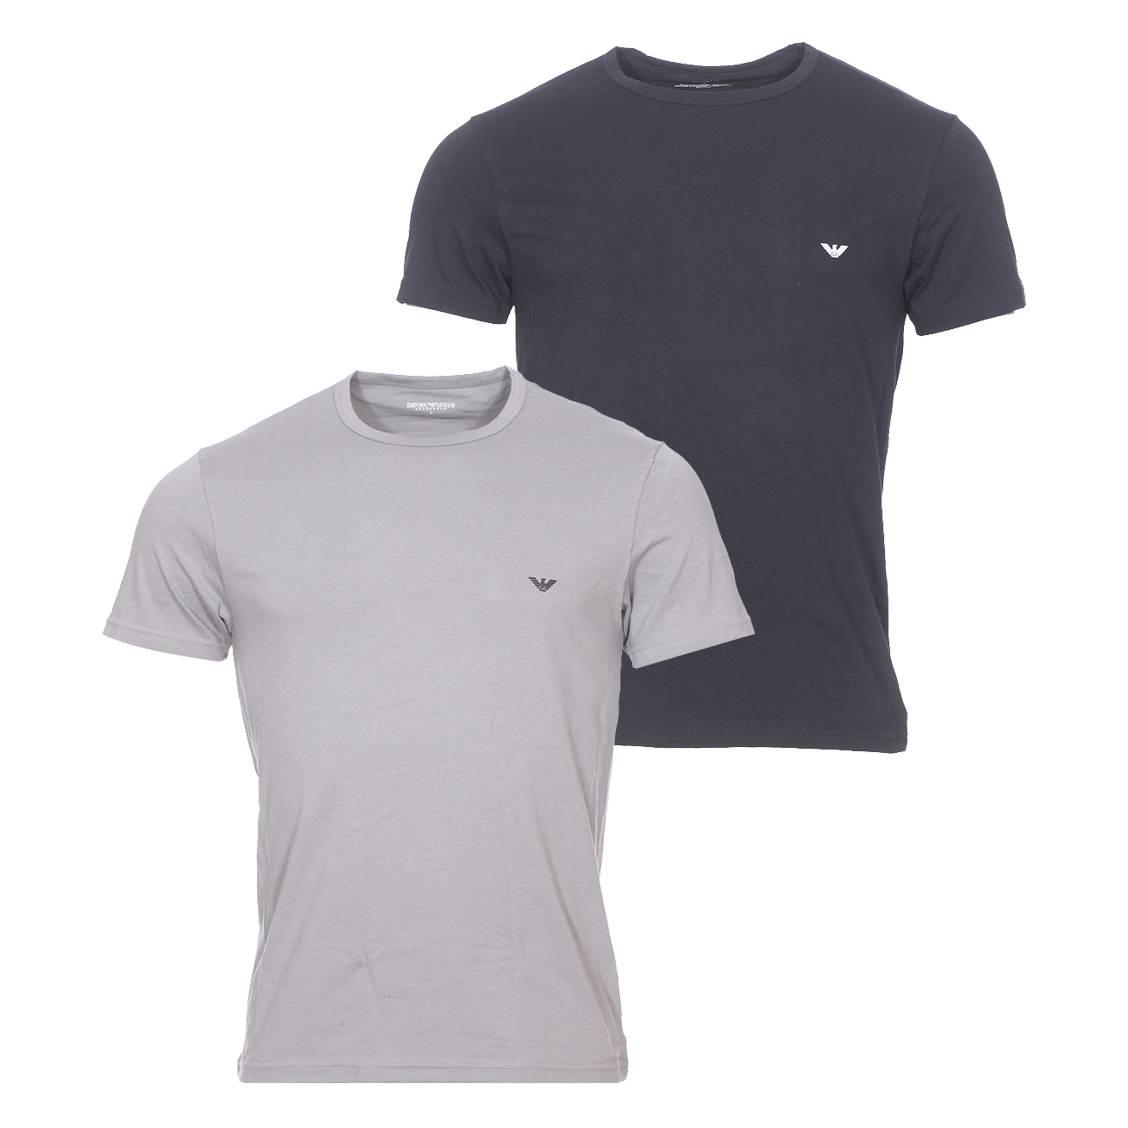 Lot de 2 tee-shirts col rond  en coton stretch : 1 modèle gris et 1 modèle noir